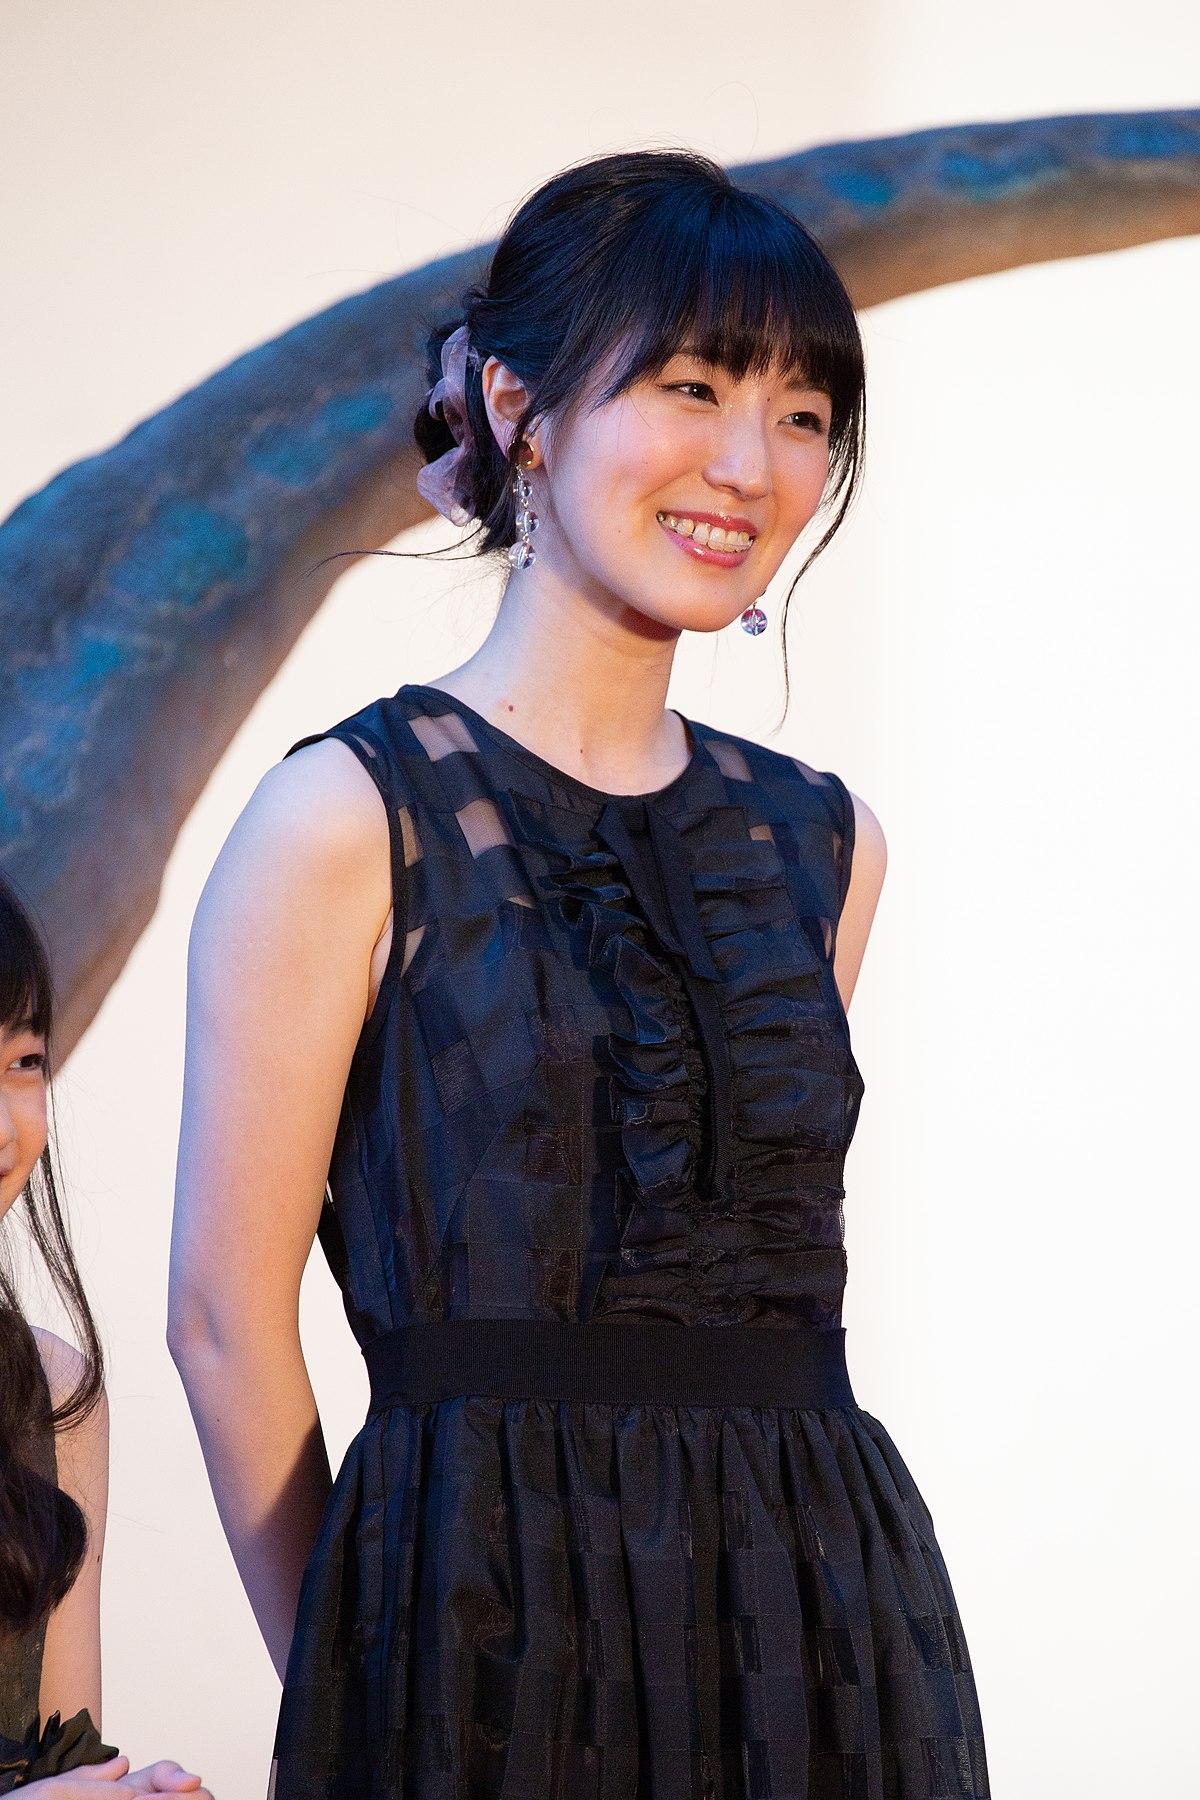 Yui Ishikawa - Wikipedia